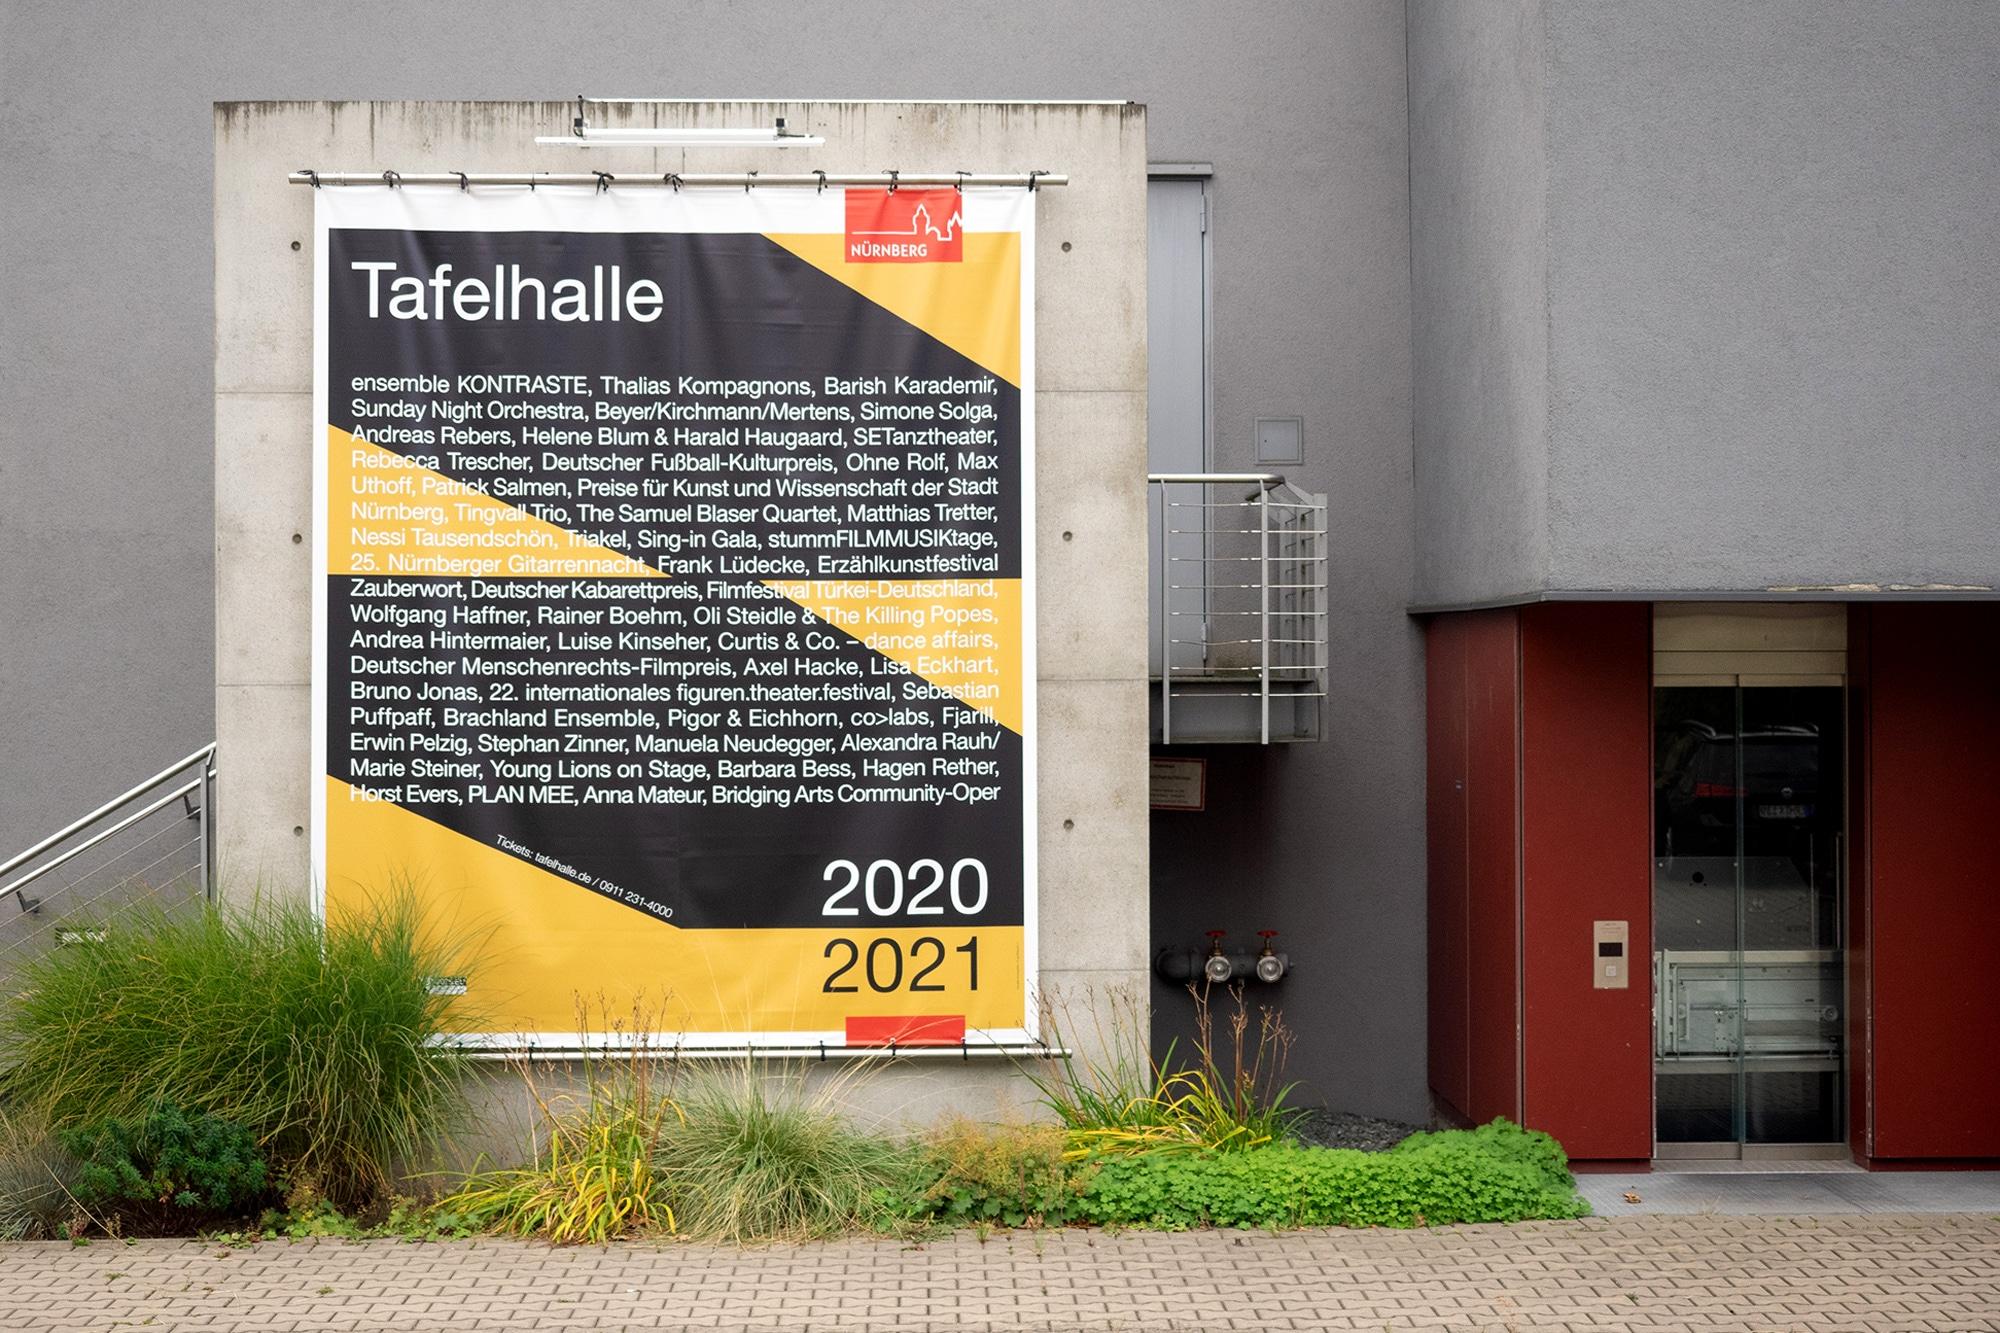 planx-Tafelhalle-Spielzeit2020-21-Betonbanner-10